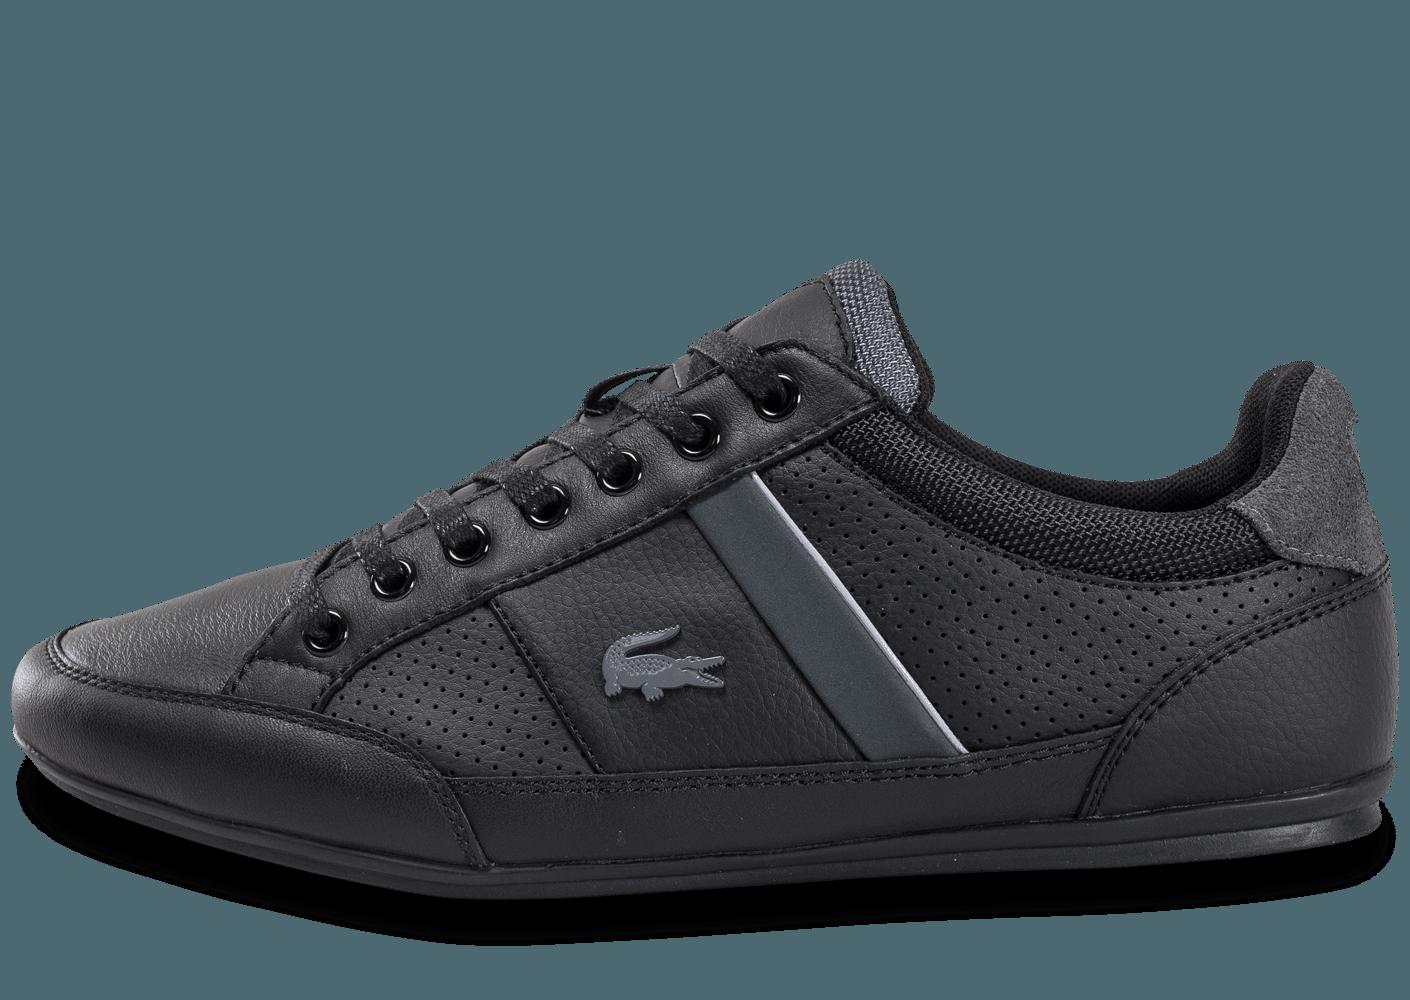 d6ffbf70202 chaussure lacoste noir homme 1